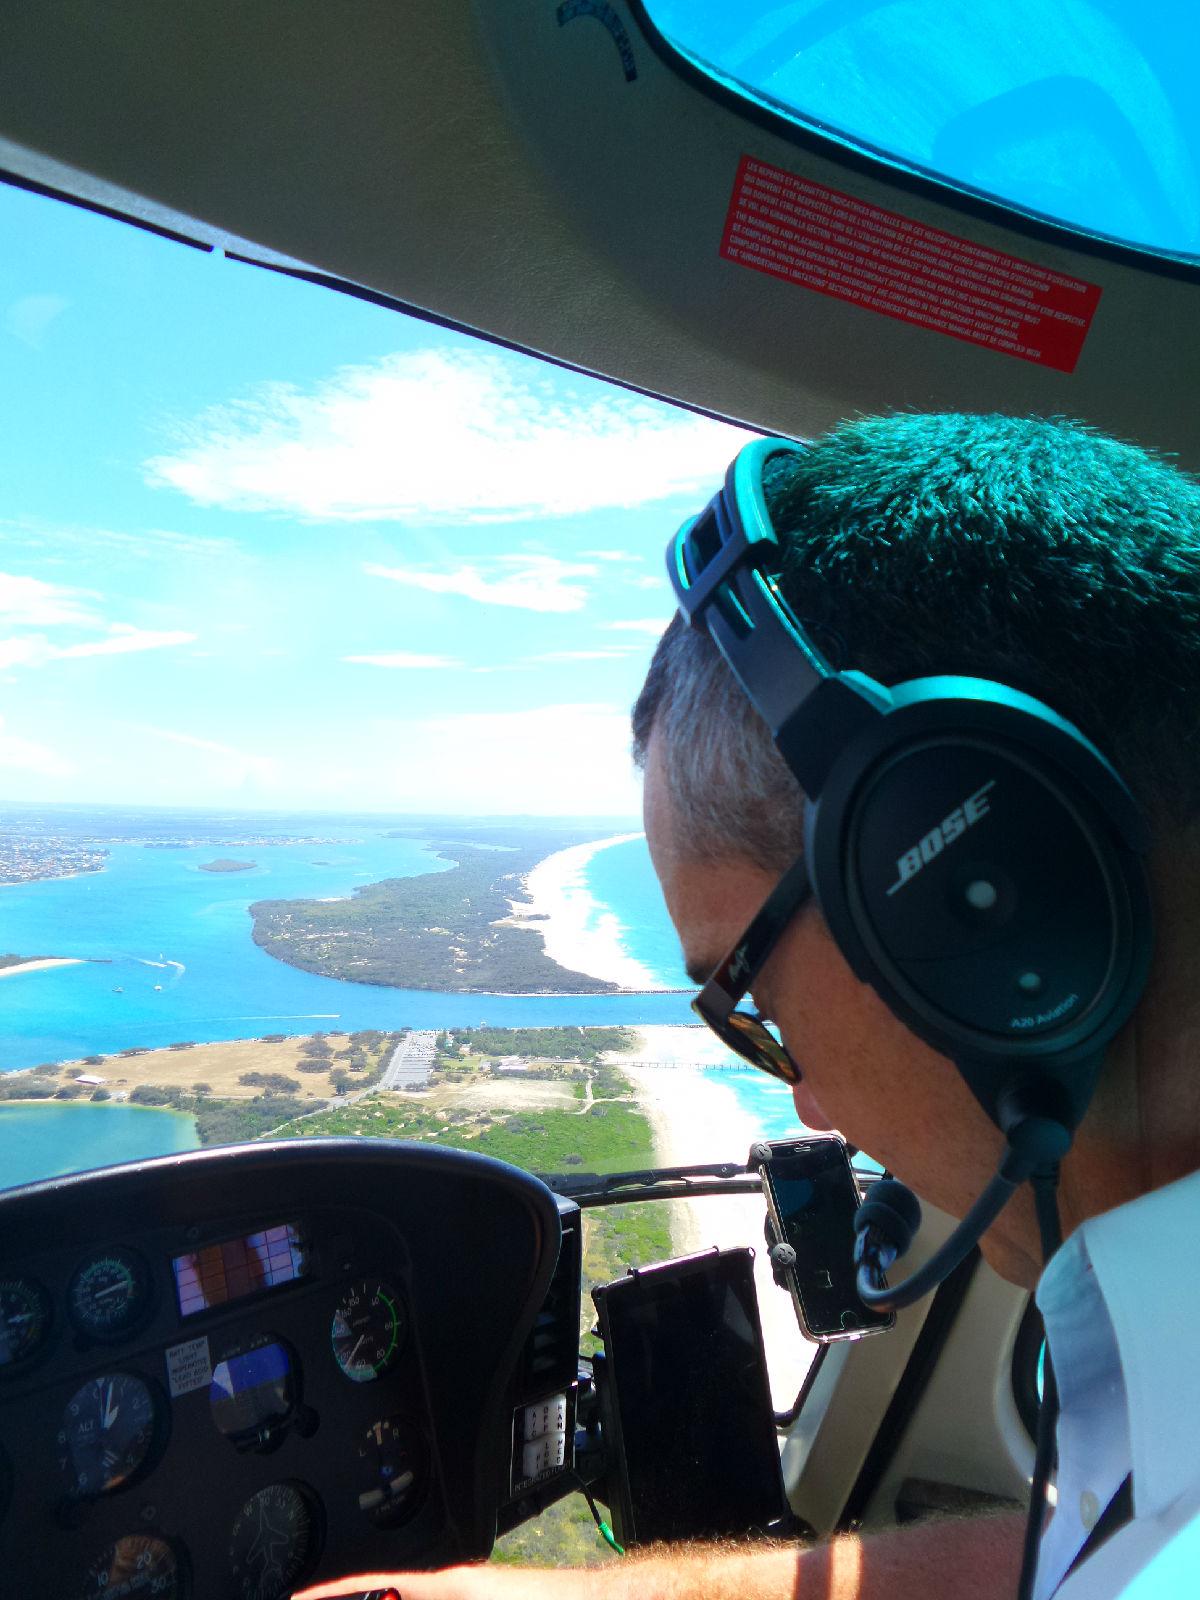 澳大利亚旅游攻略图片122